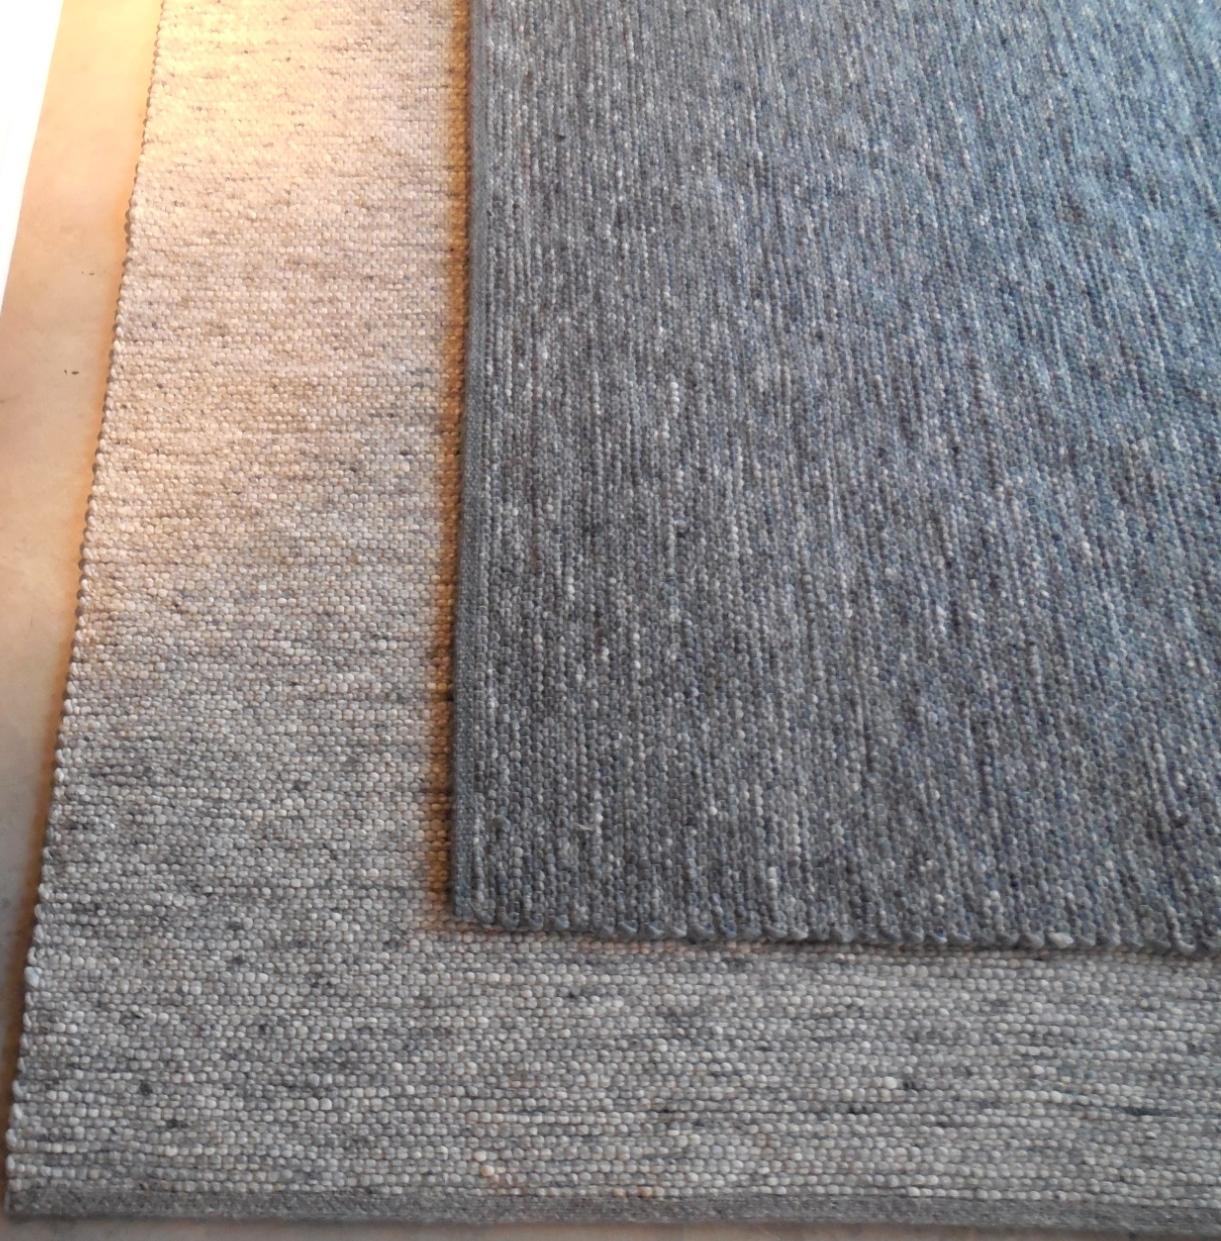 Tappeto tisca tappeto rettangolare sindar in lana moderni - Tappeti in lana moderni ...